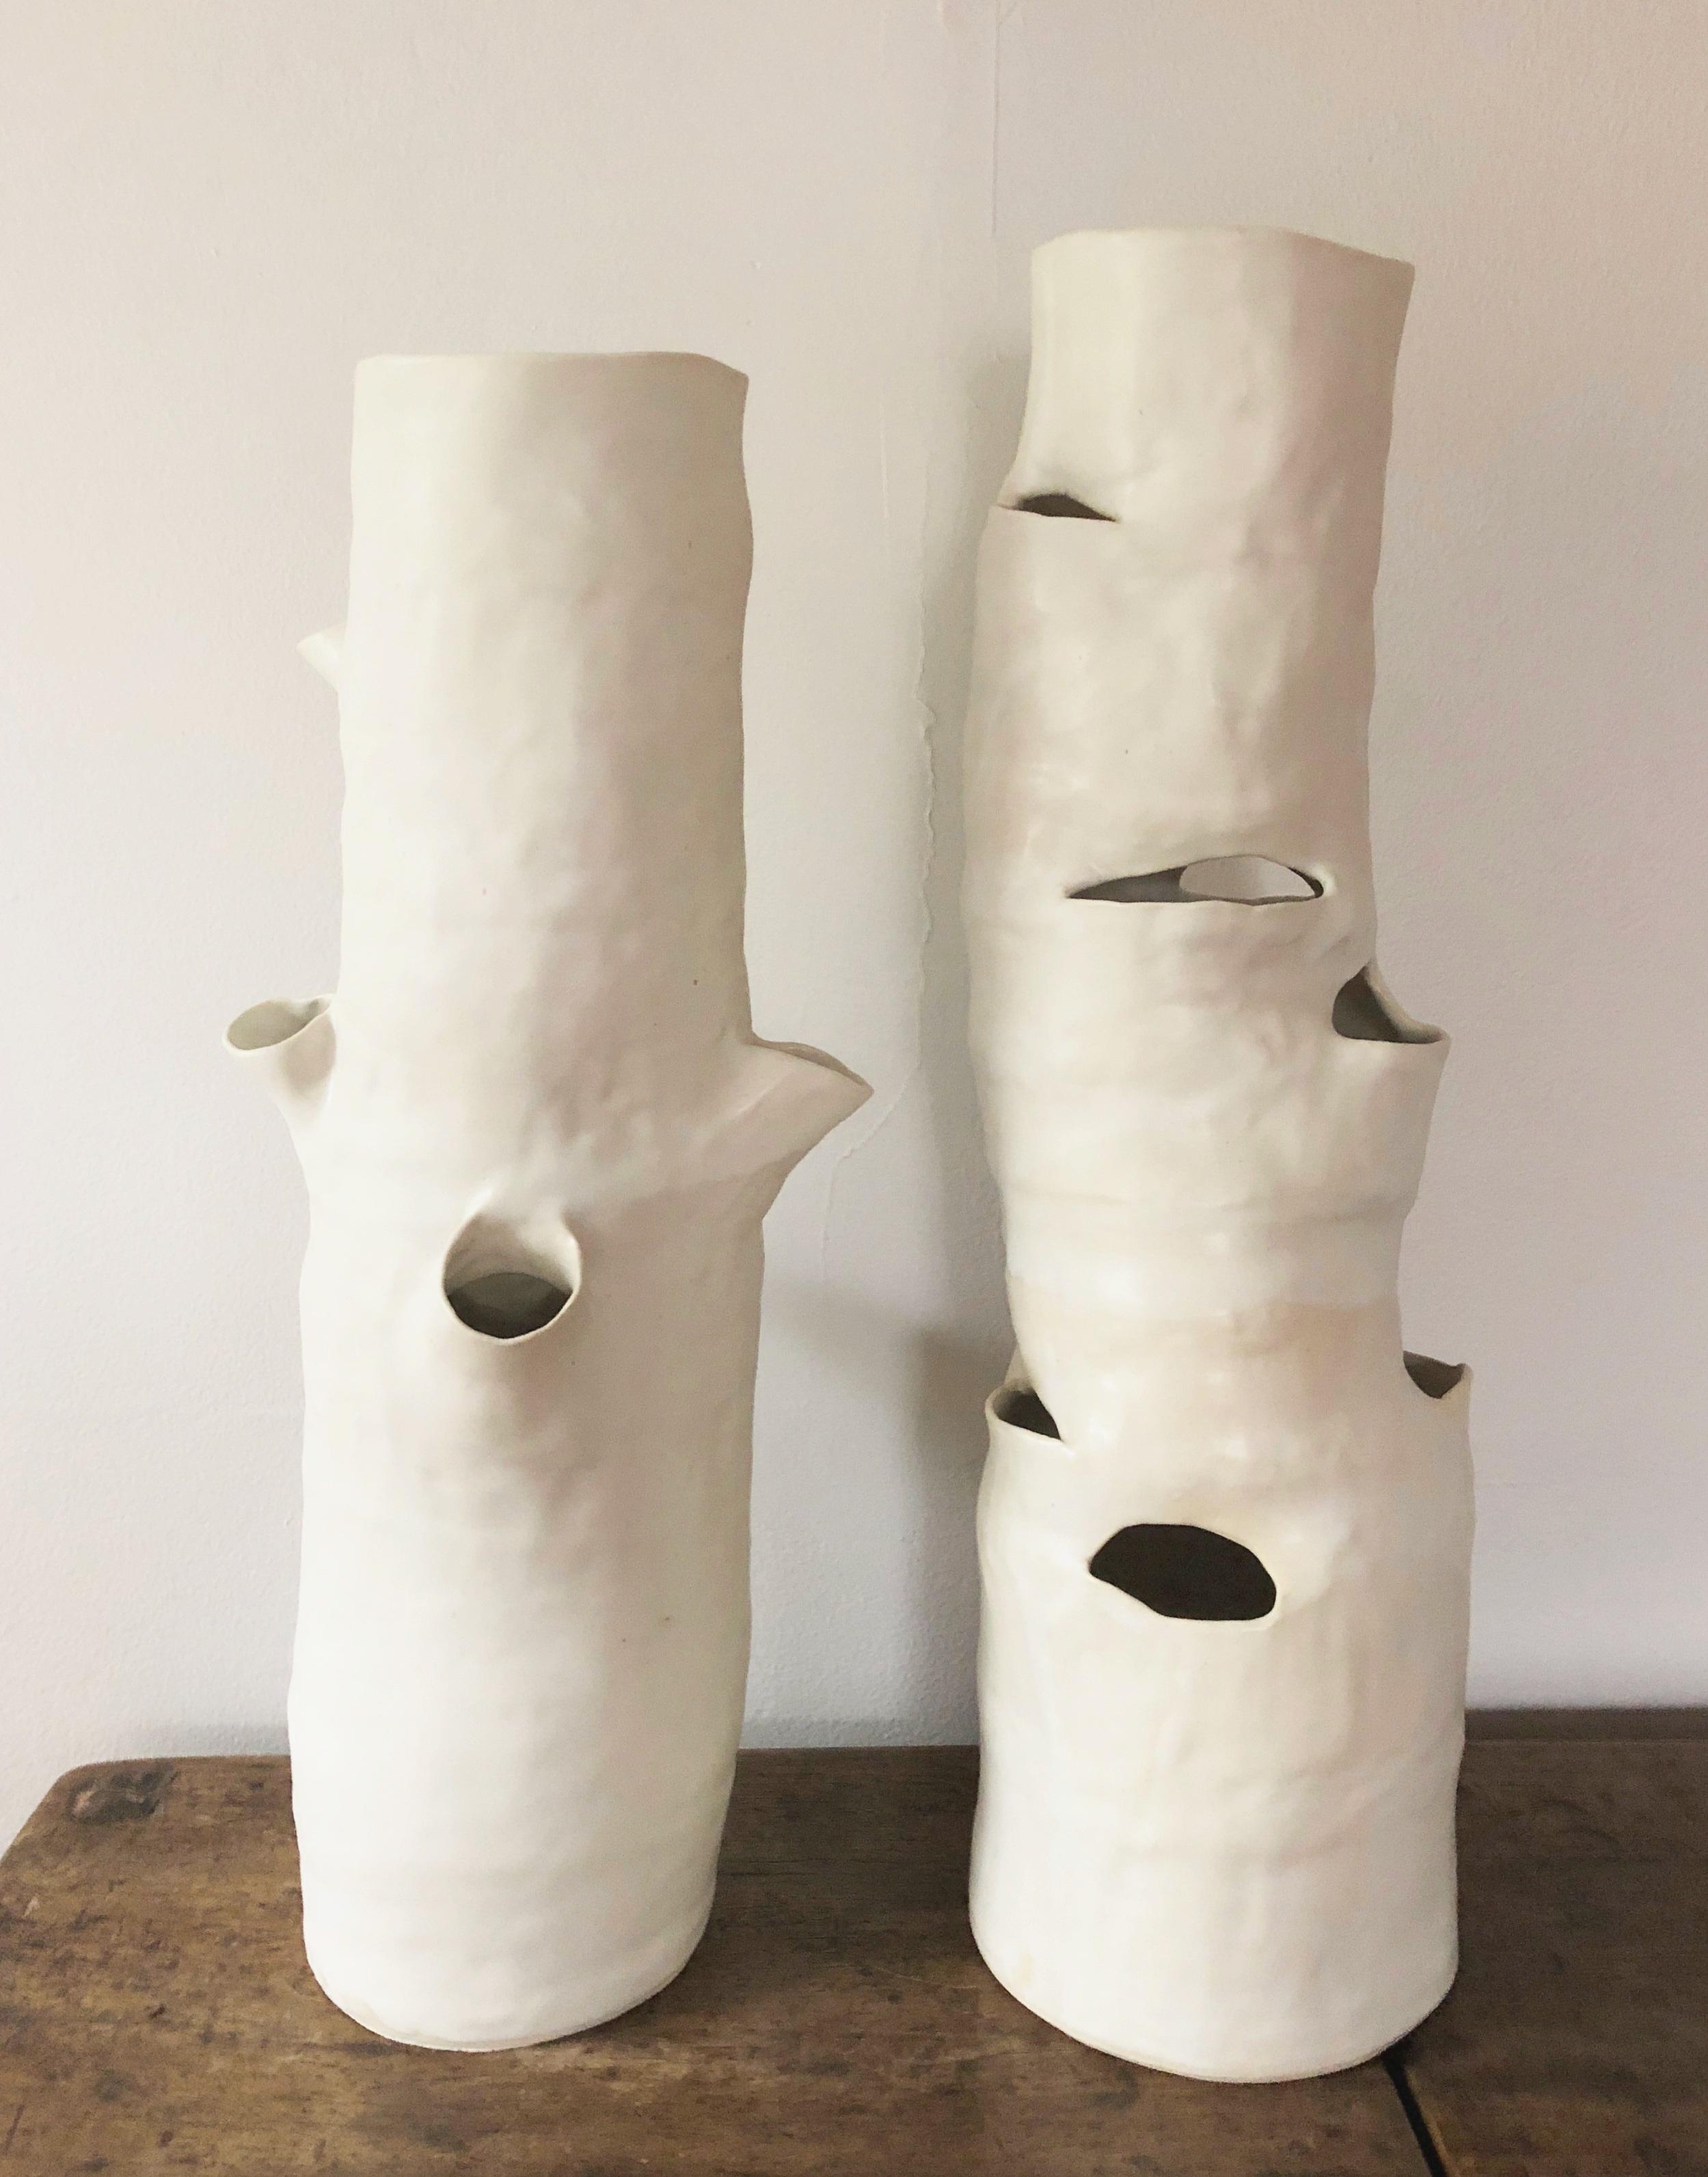 birch vessels